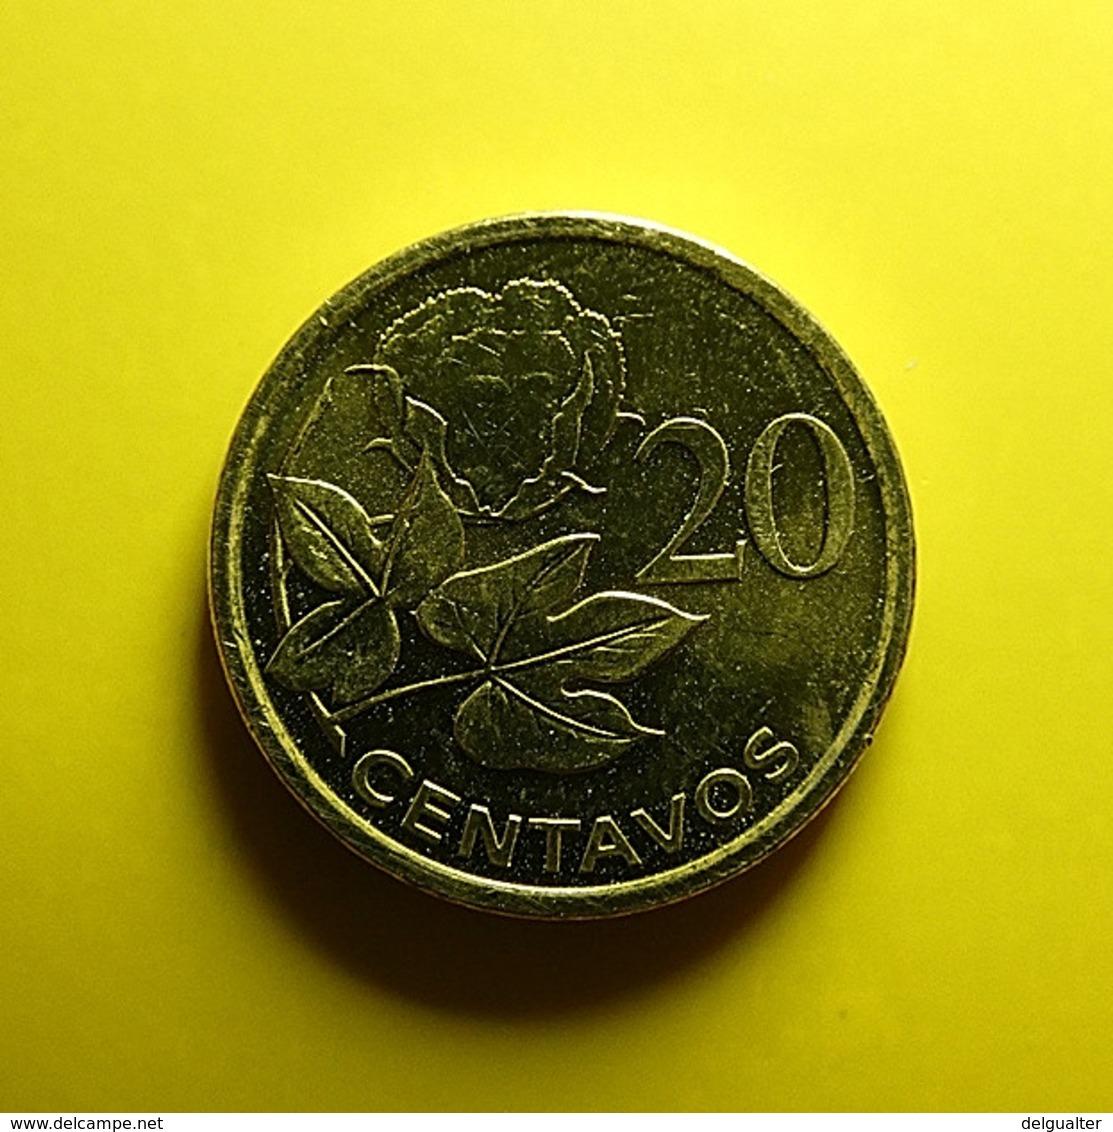 Moçambique 20 Centavos 2006 - Mozambique